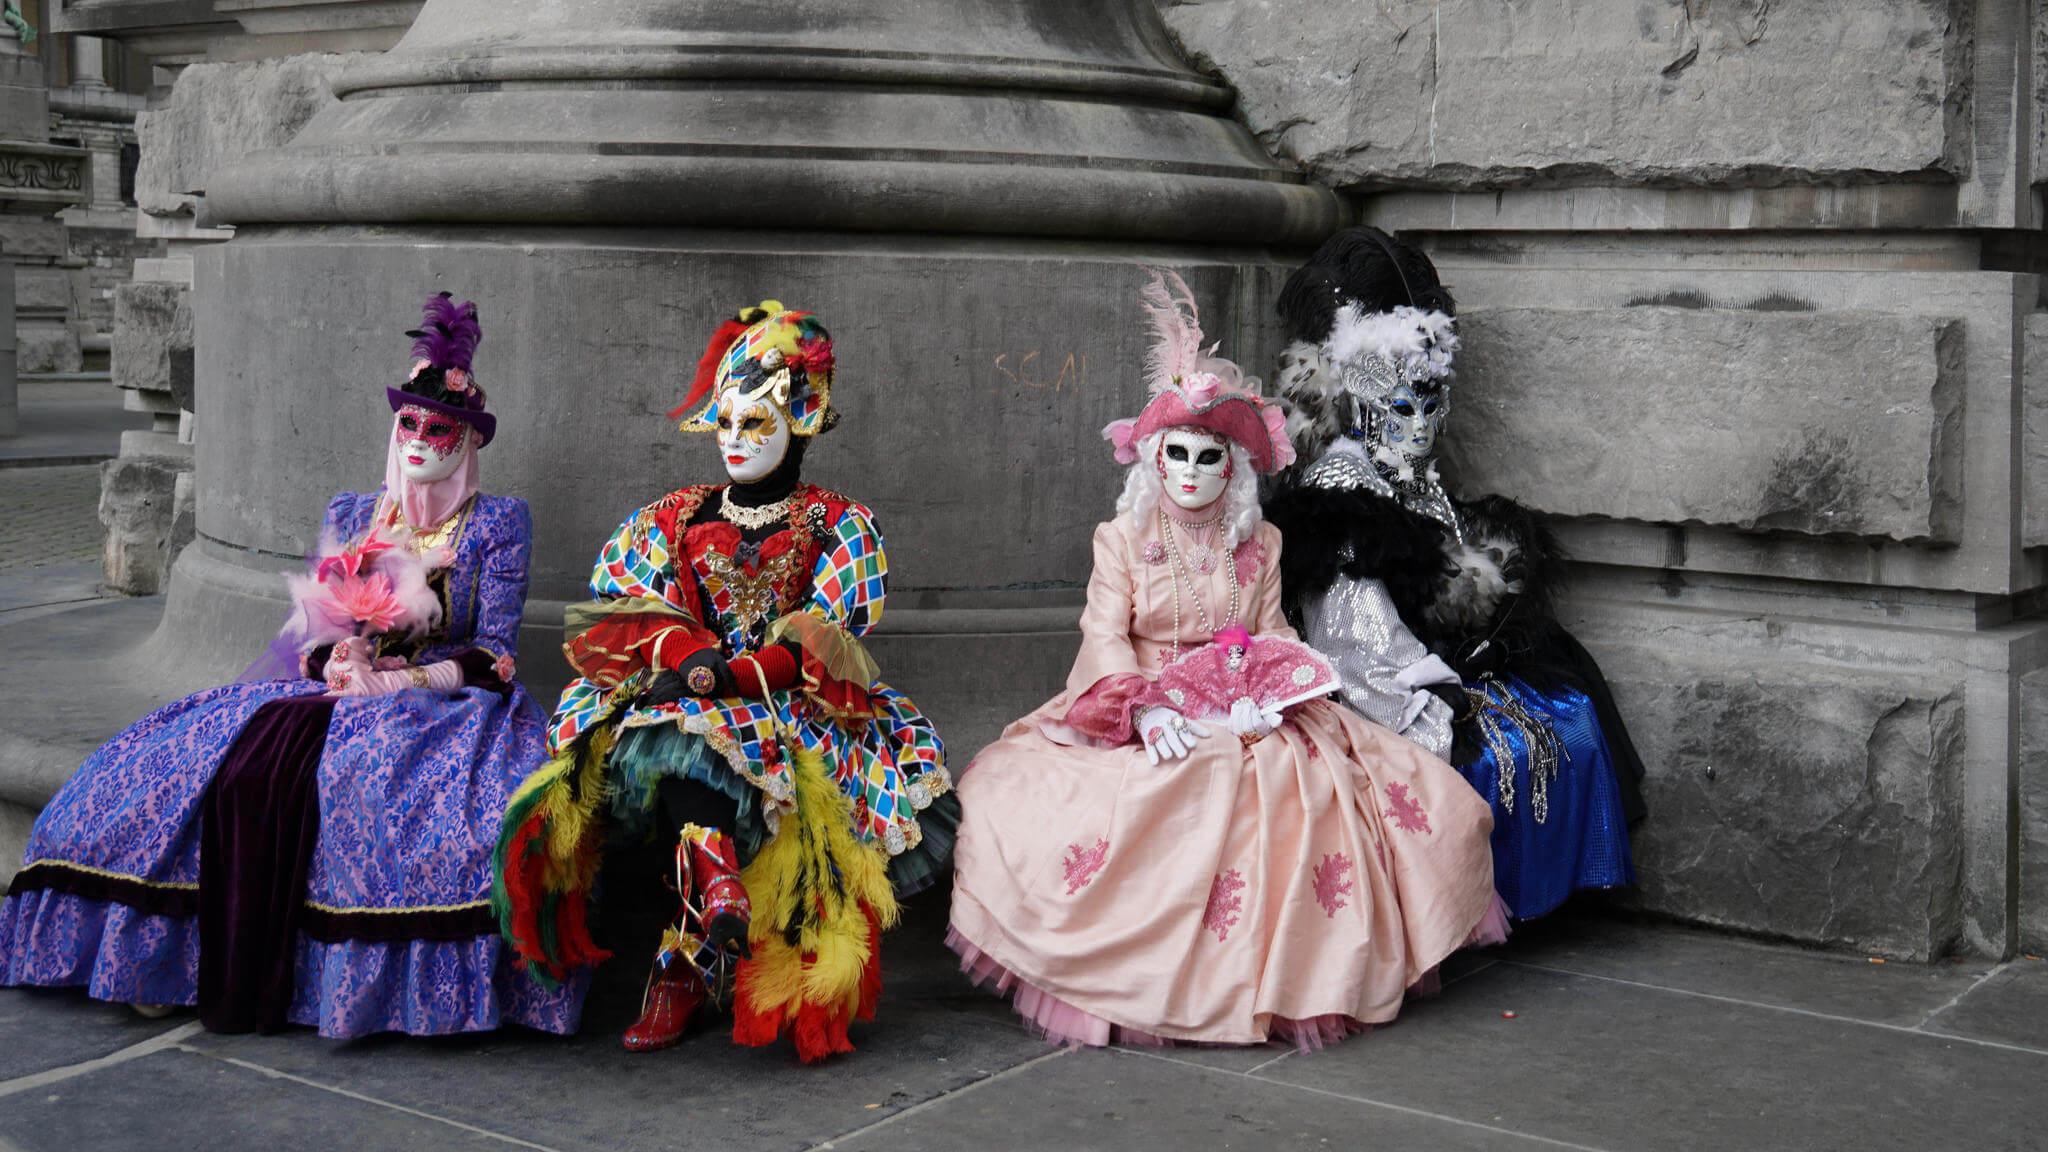 L édition 2019 Du Carnaval De Venise